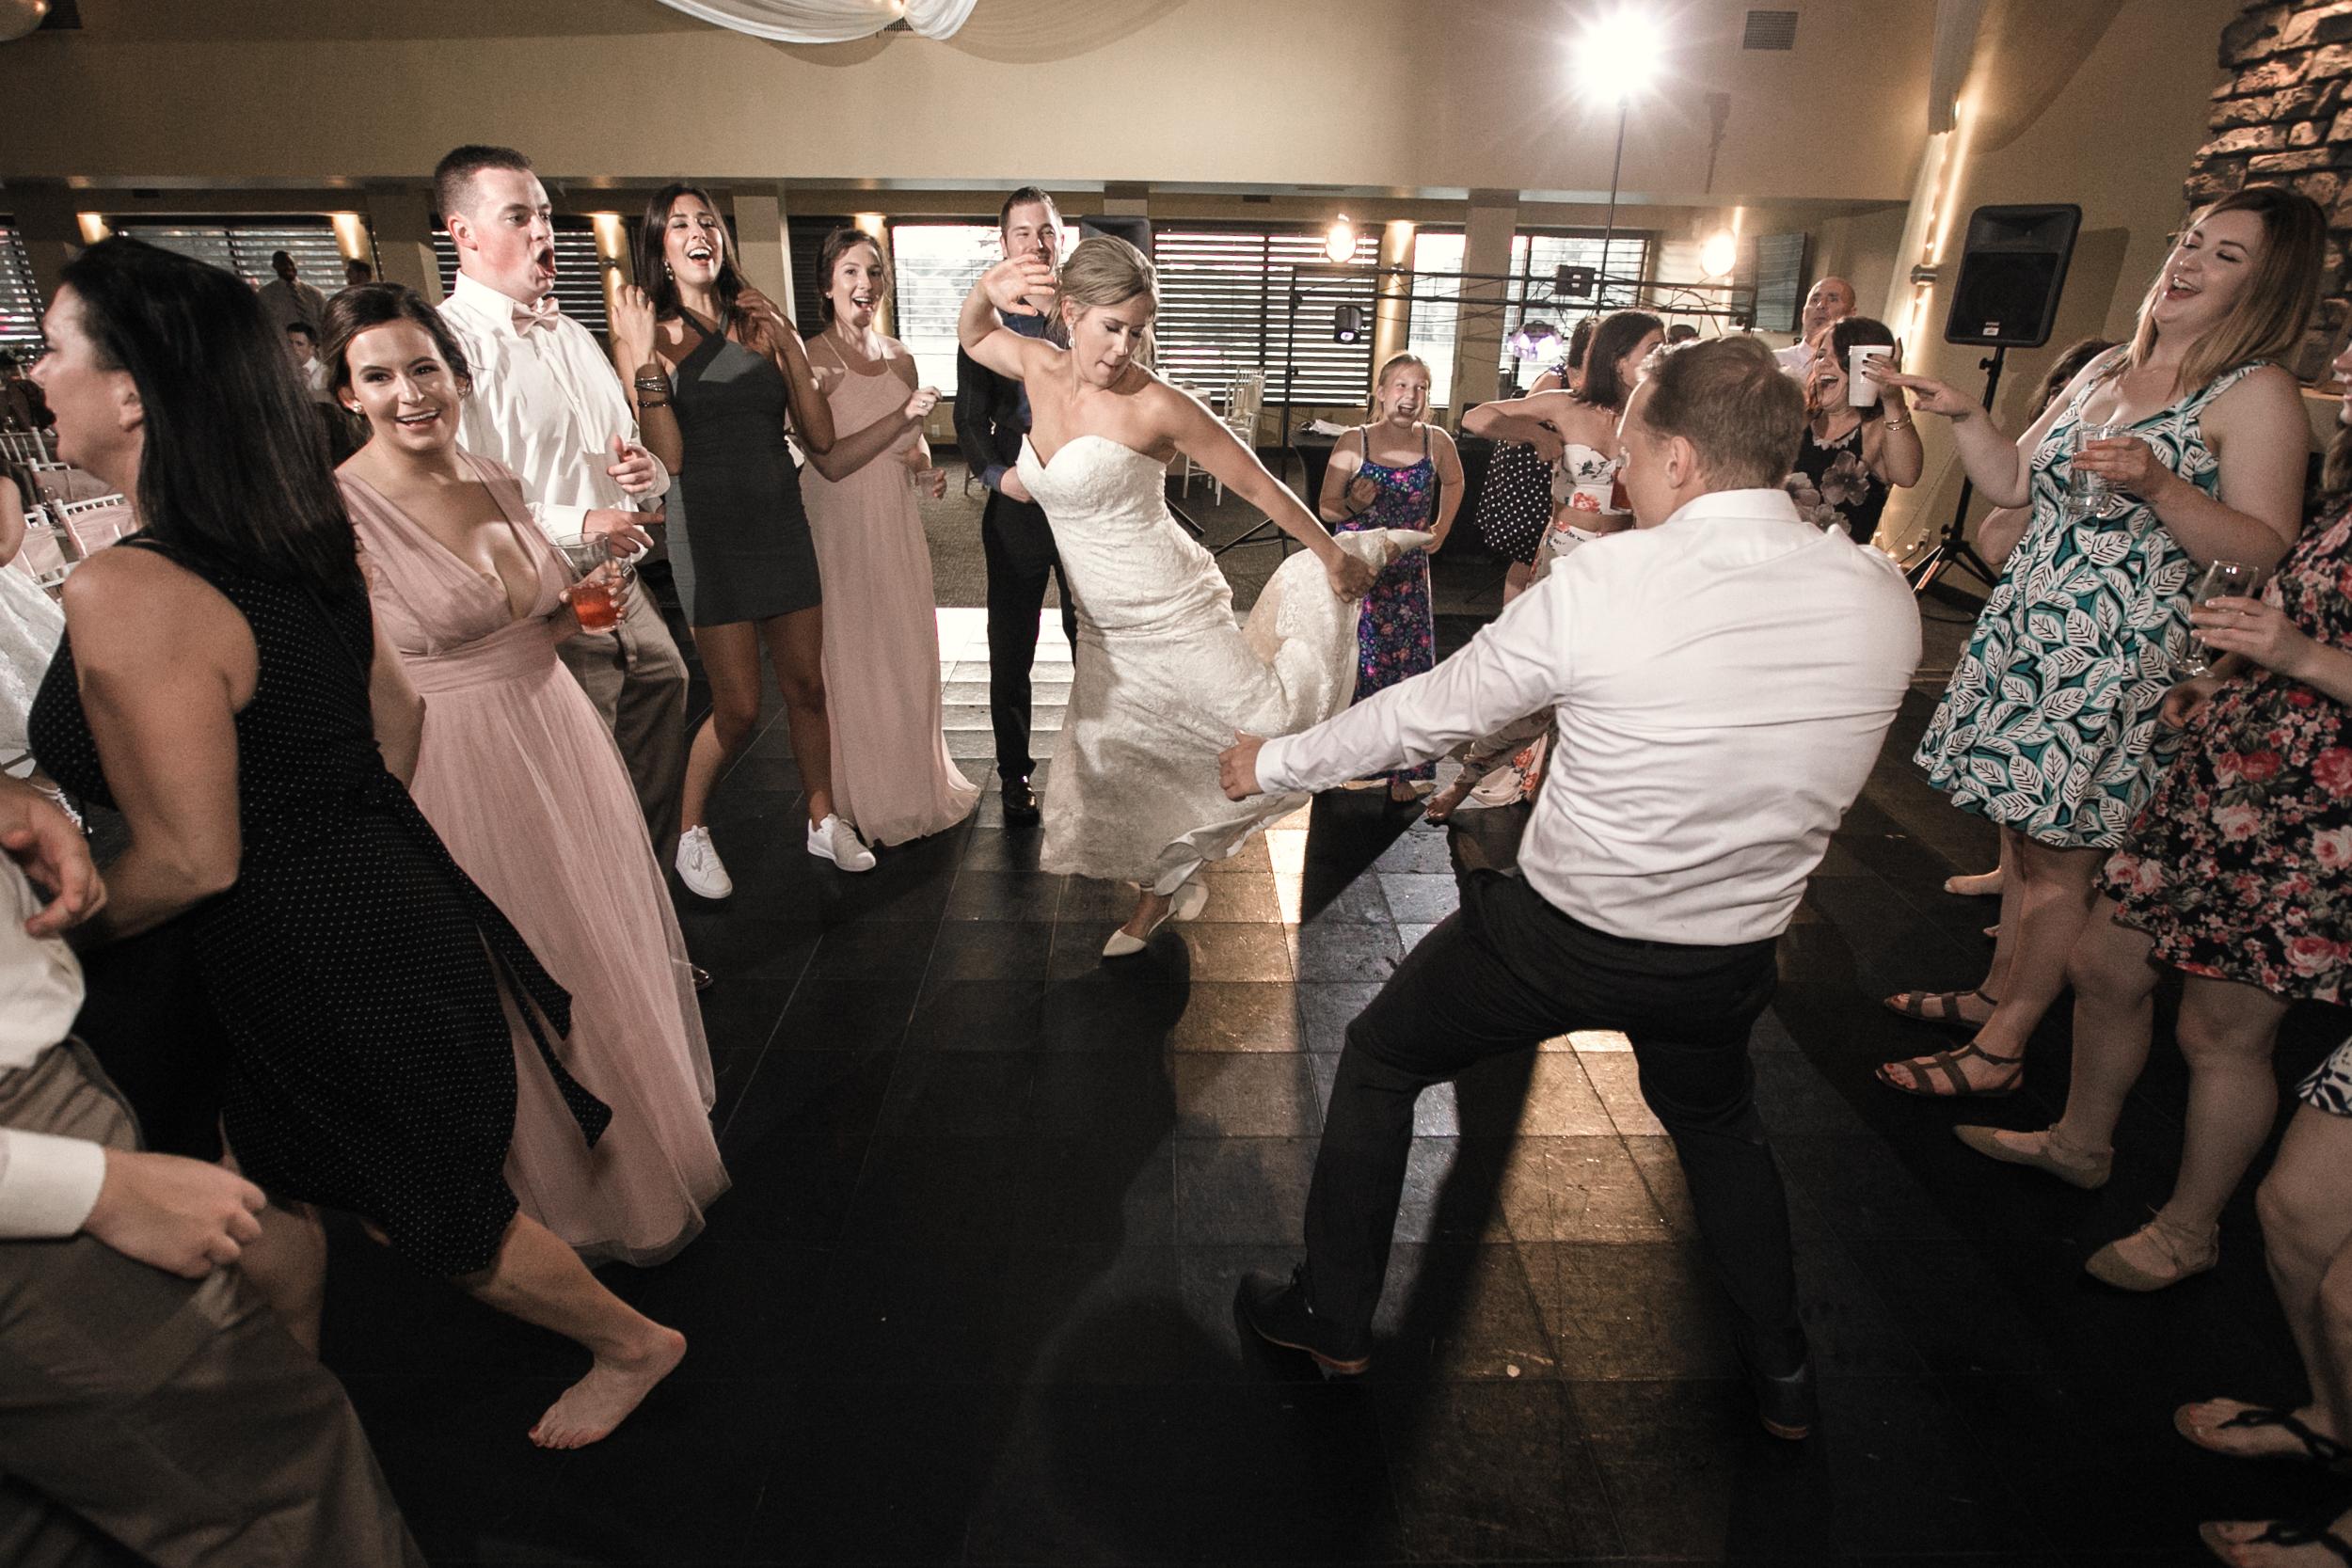 dellwood country club wedding*, Dellwood Country Club*, golf course wedding*, green golf course*, rose pink wedding details*-www.rachelsmak.com93.jpg